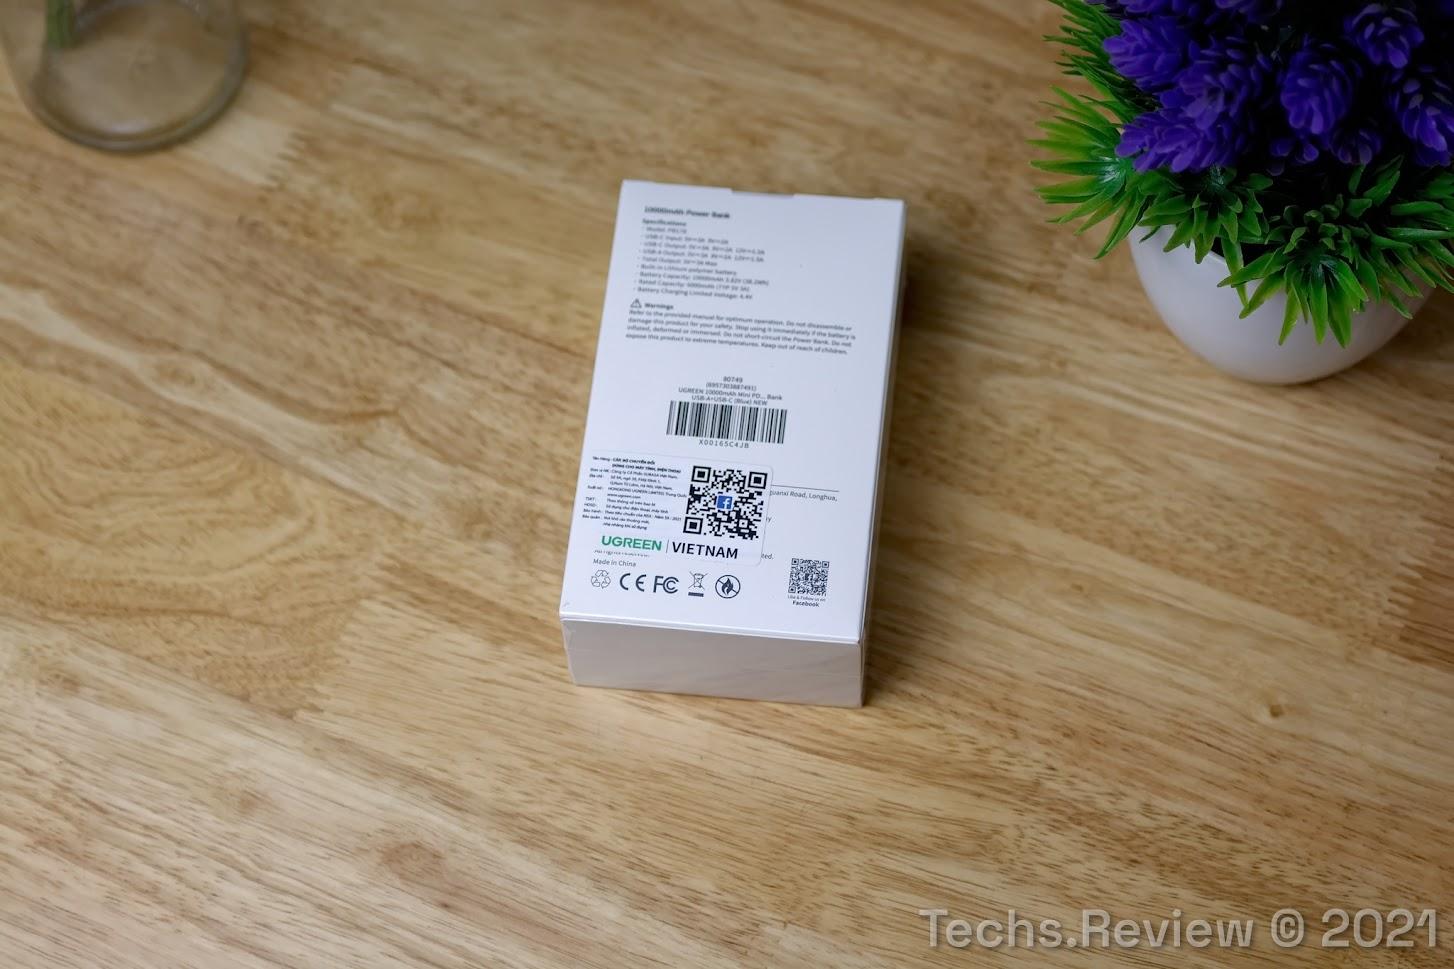 Pin sạc dự phòng mini Ugreen PB178 80749